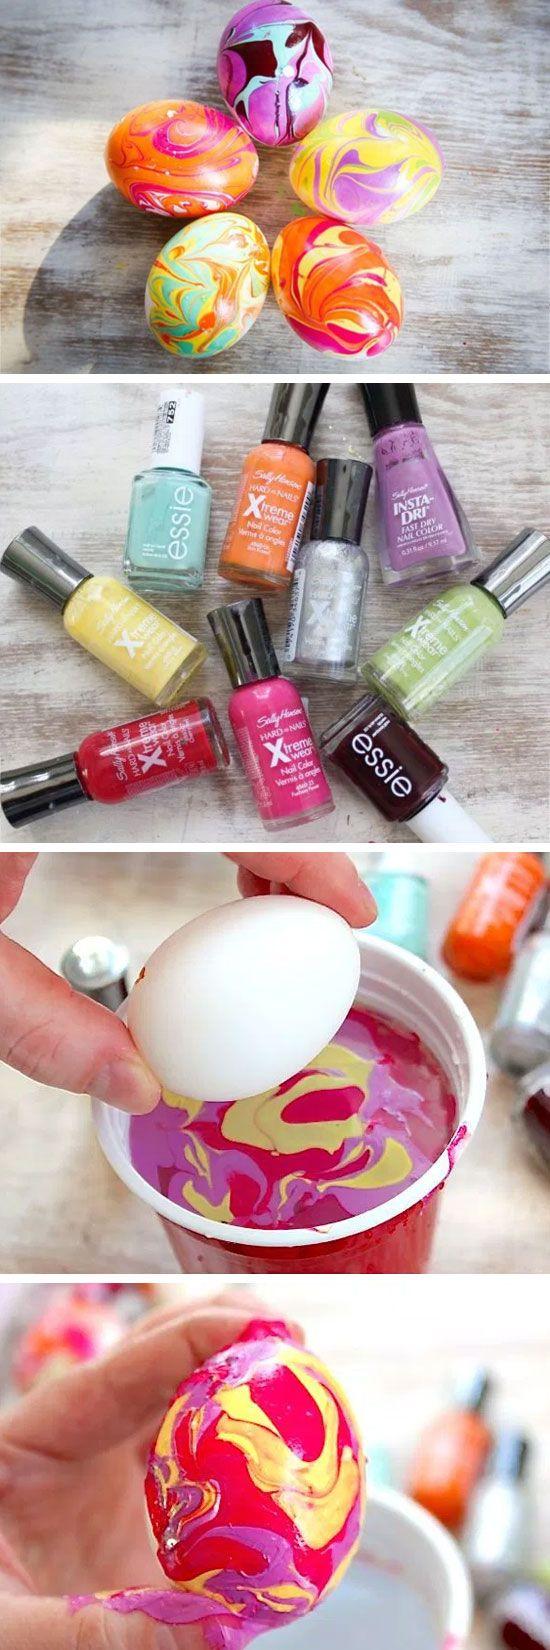 Best 25+ Easter egg crafts ideas on Pinterest | Easter egg dye ...